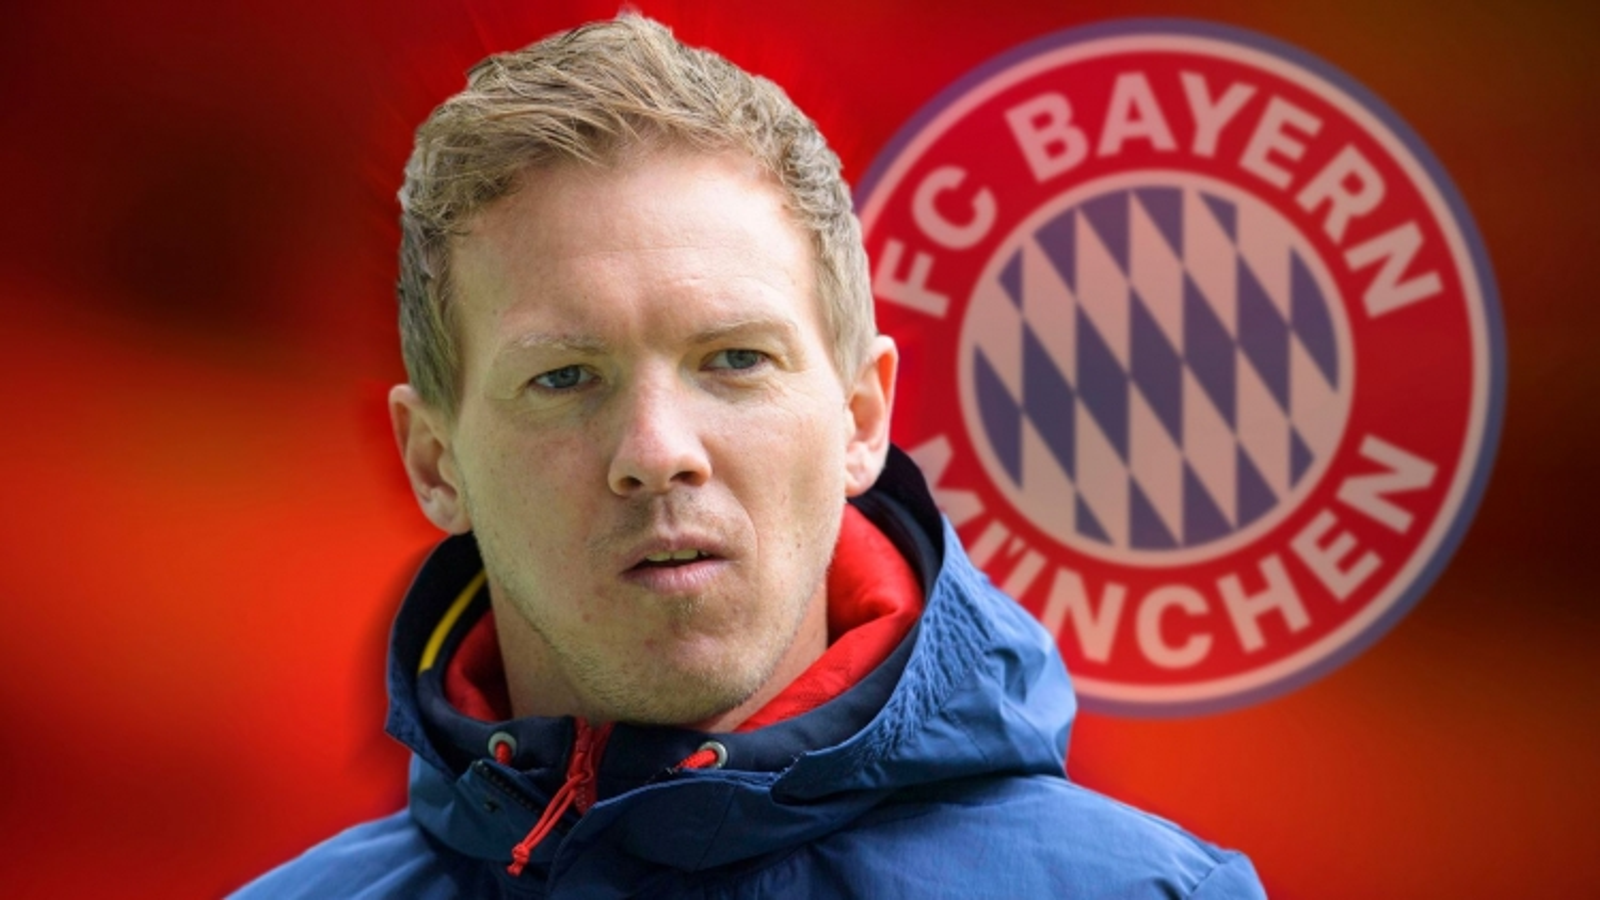 Bayern Munich chính thức bổ nhiệm HLV Julian Nagelsmann